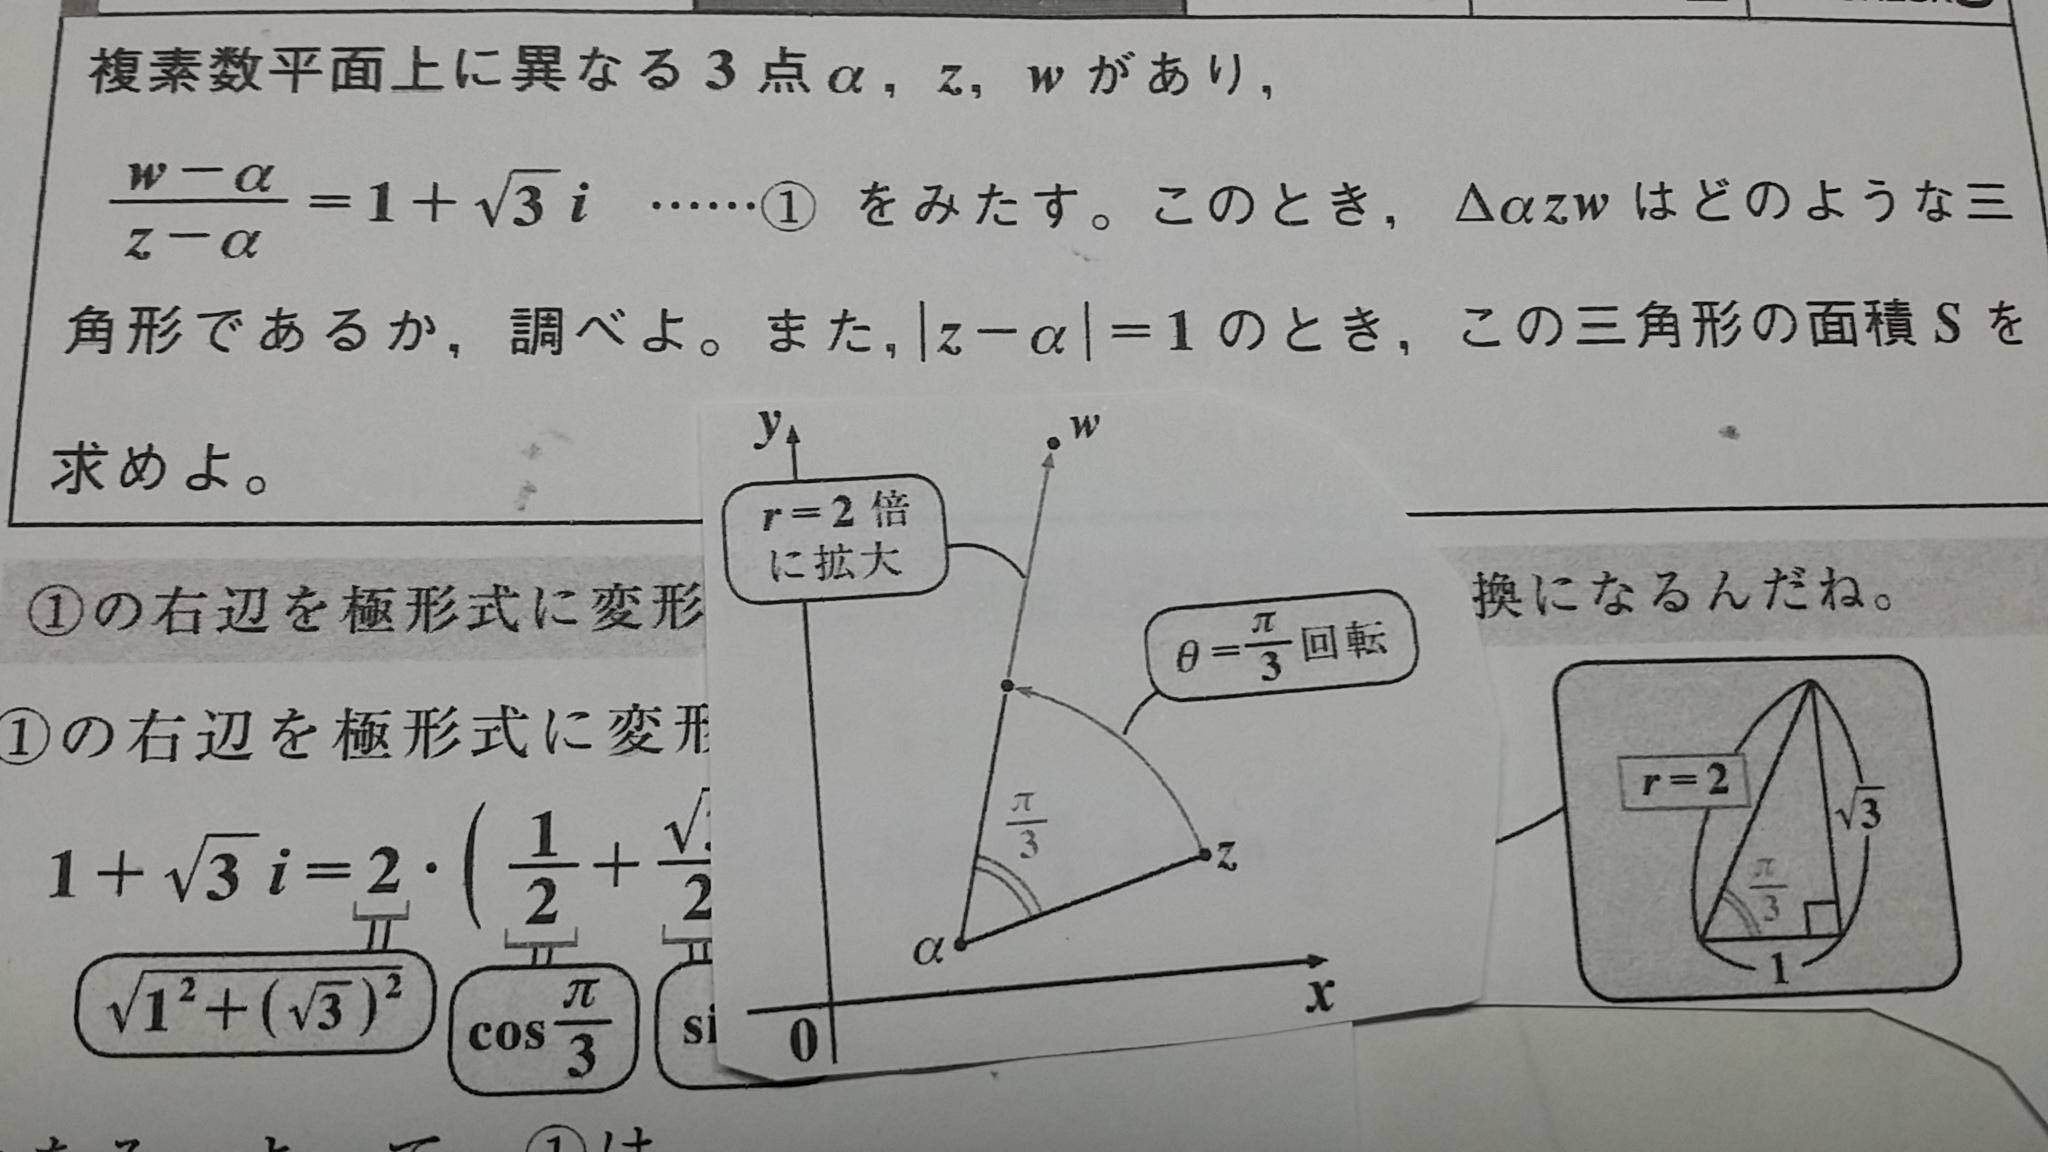 複素数平面の合成変換の図形決定の理由にてです。